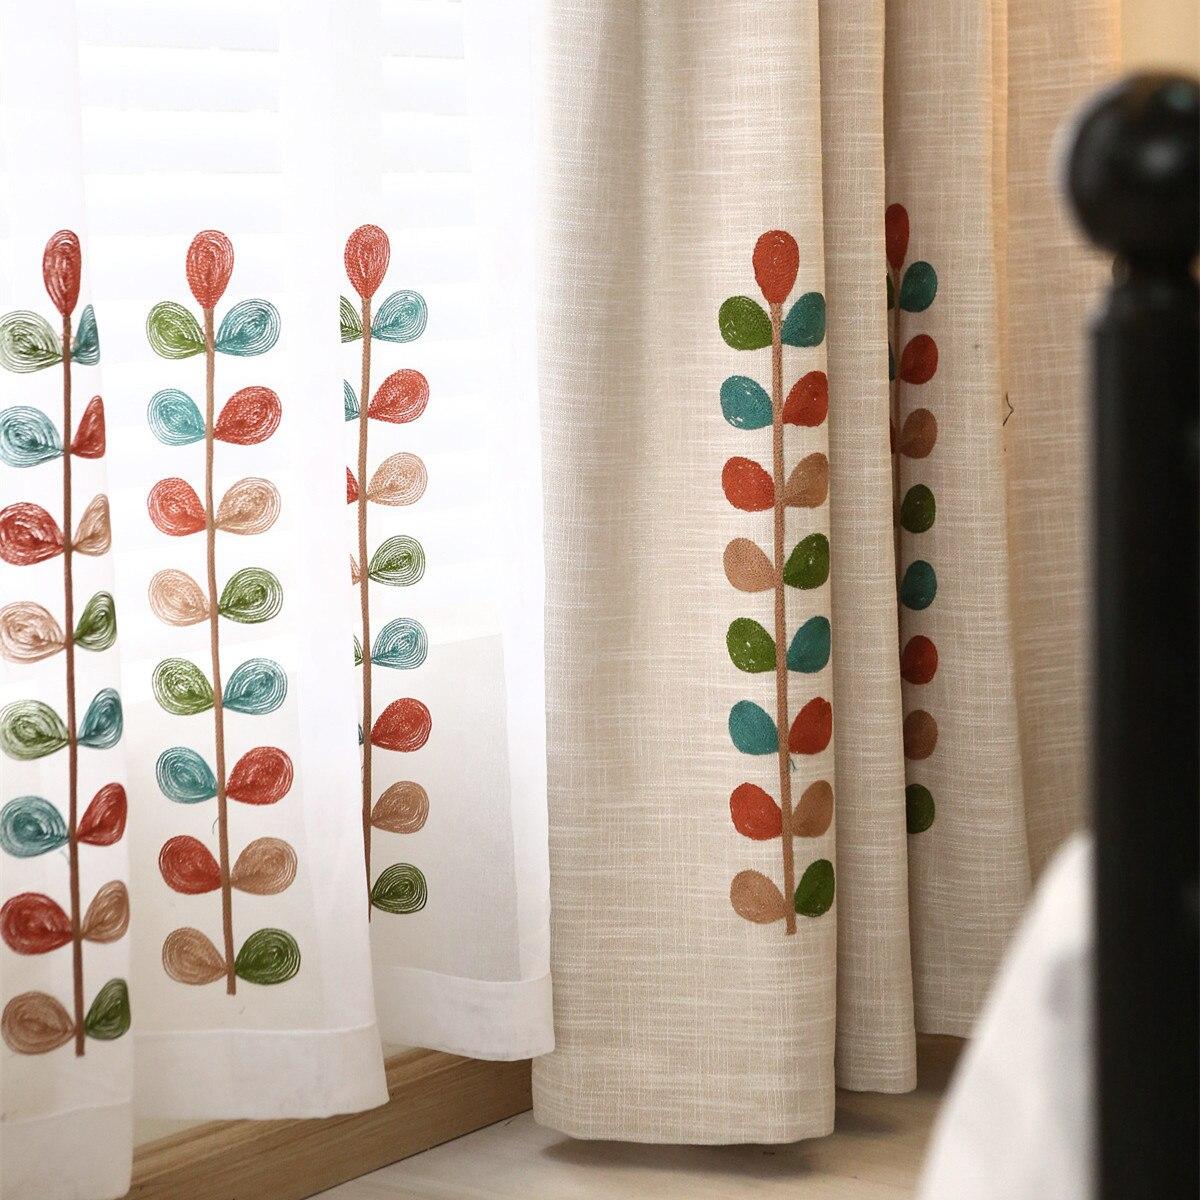 moderna de lino bordado de tela para cortinas de la ventana de la cocina saln dormitorio